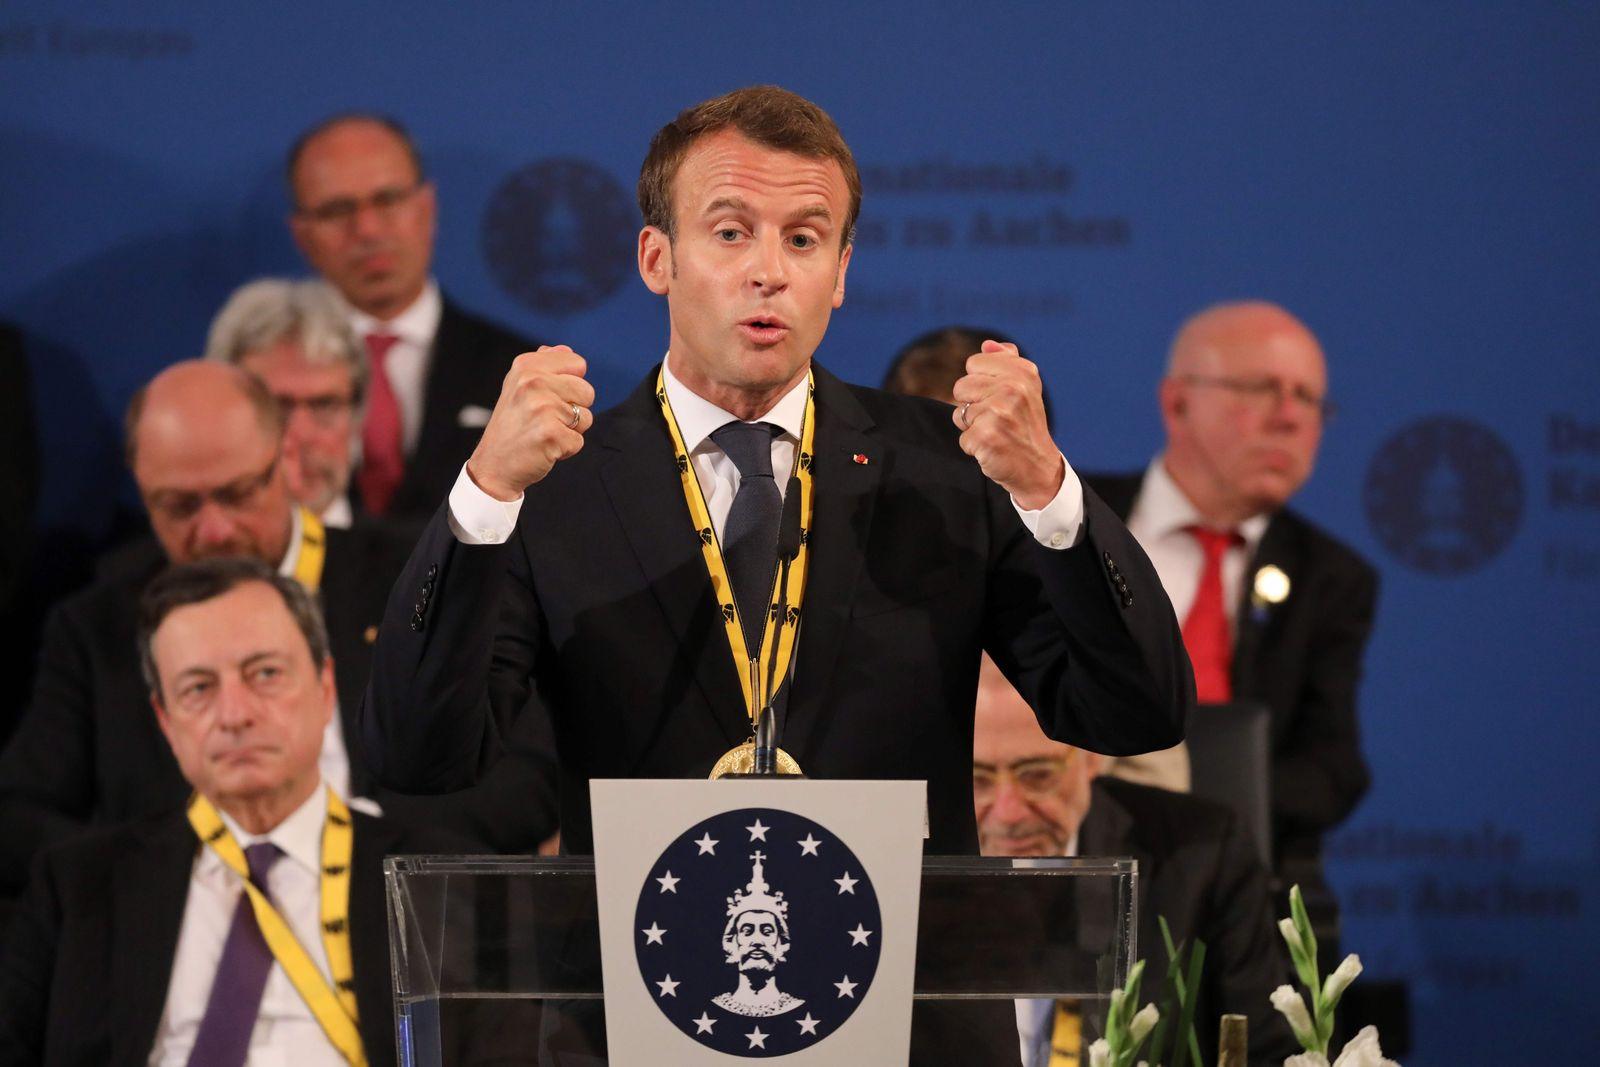 Charlemagne prize/ Emmanuel Macron